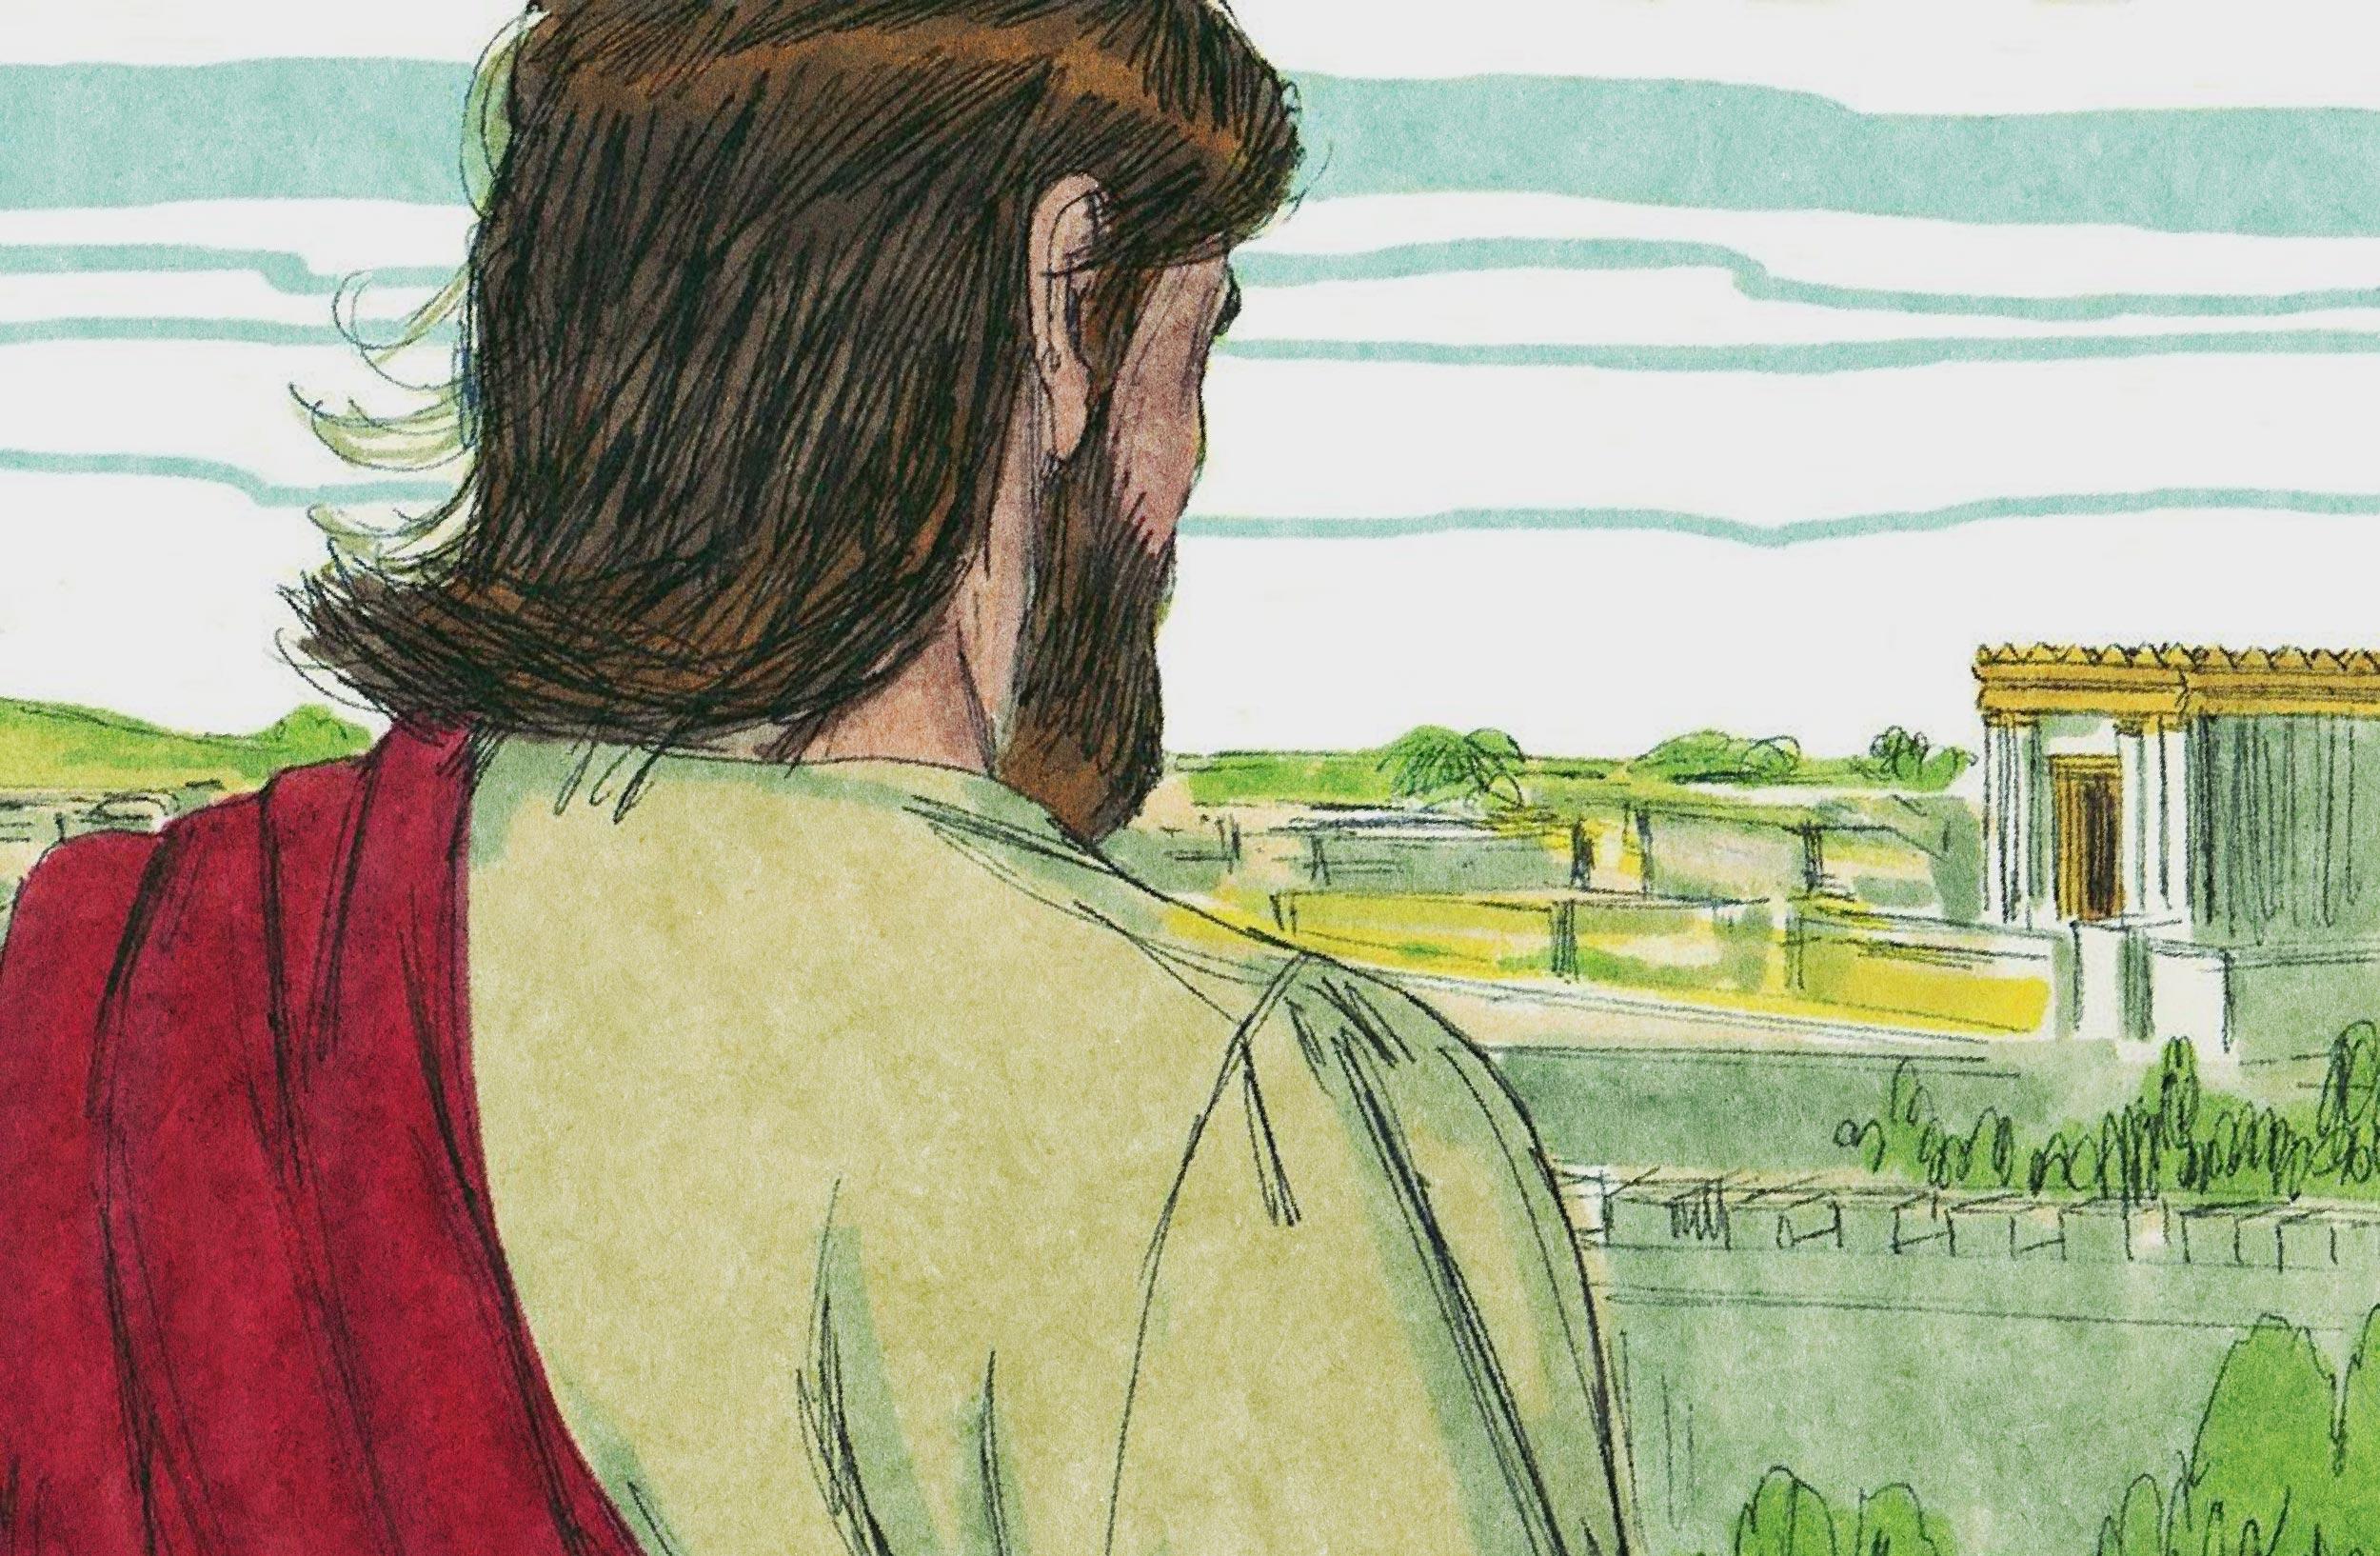 Jesus Prophesies the Destruction of the Temple